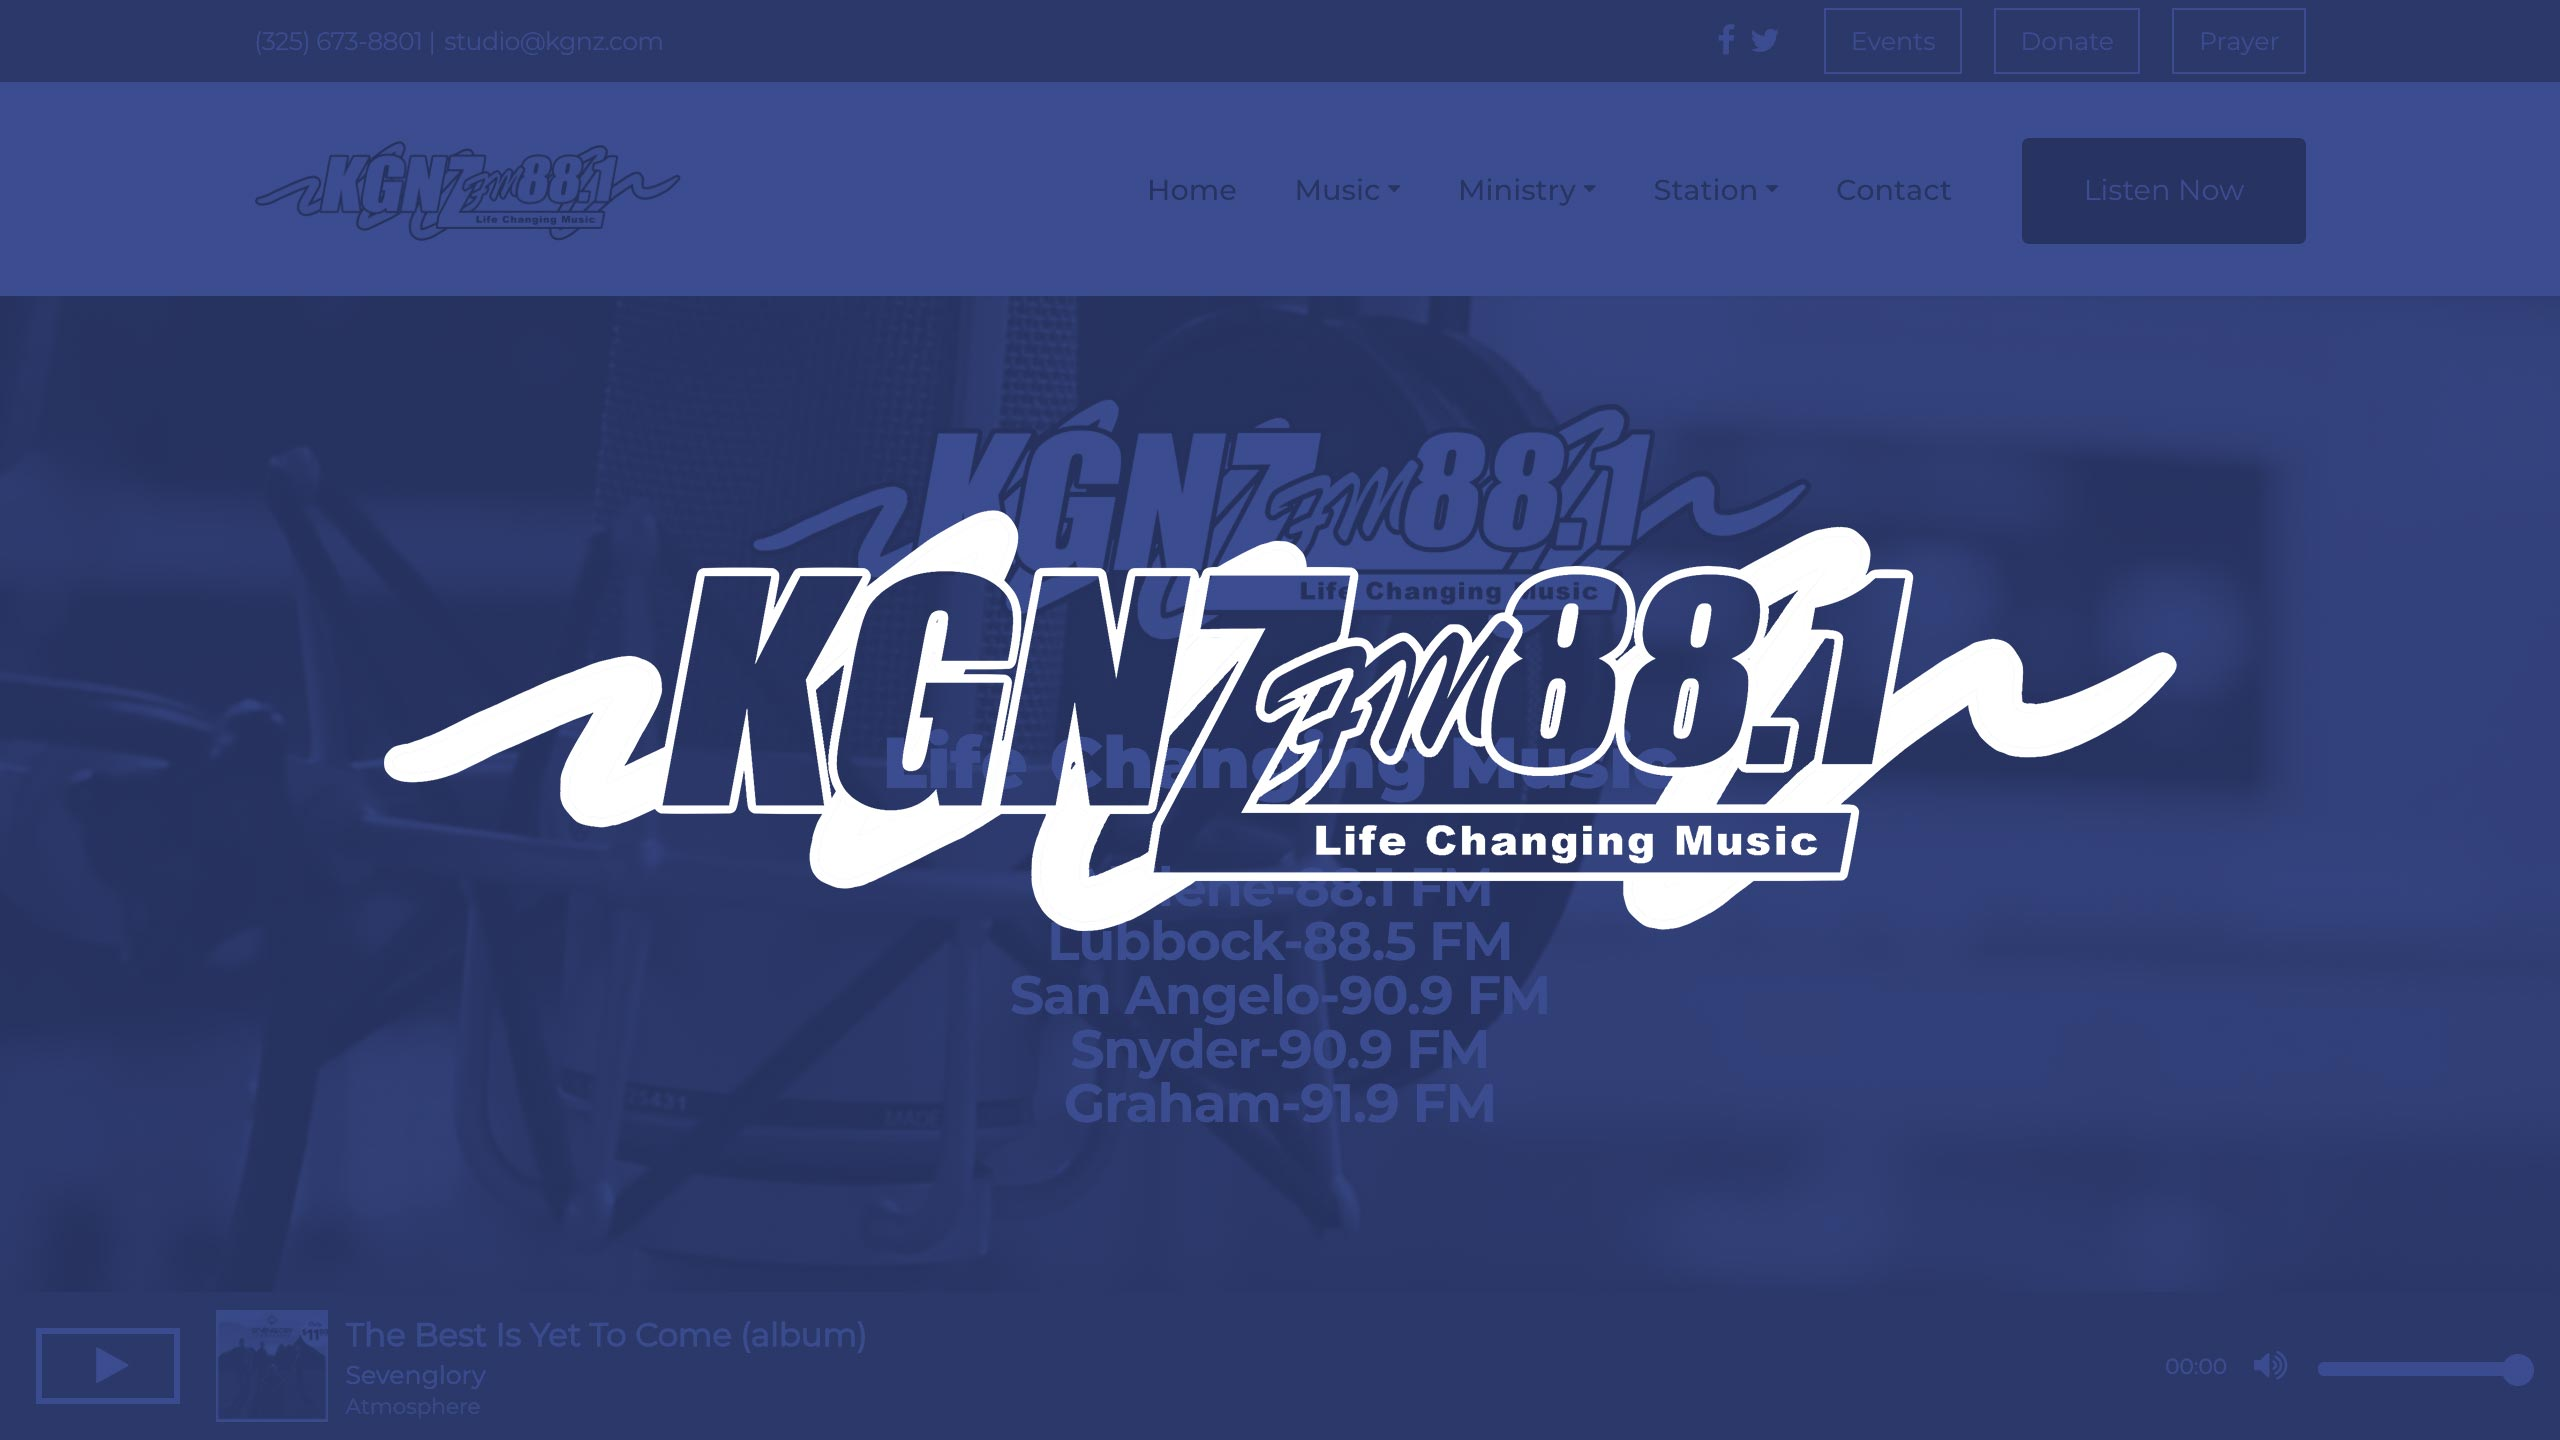 KGNZ Radio